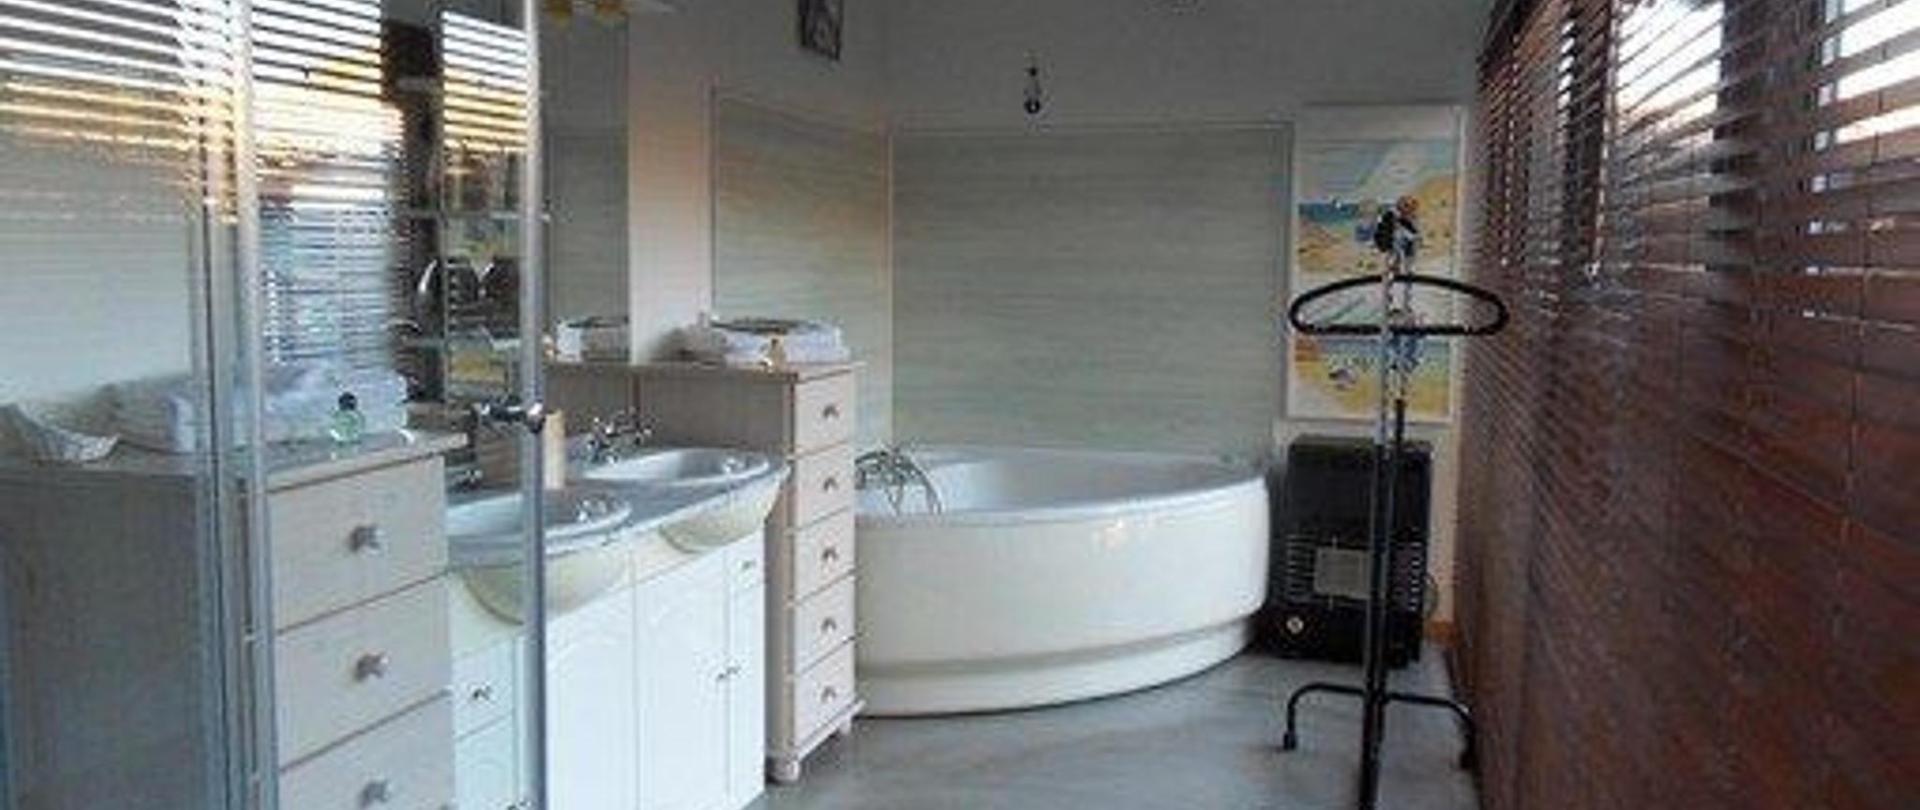 salle-de-bains-d-tente-vue-jardiin-1.jpg